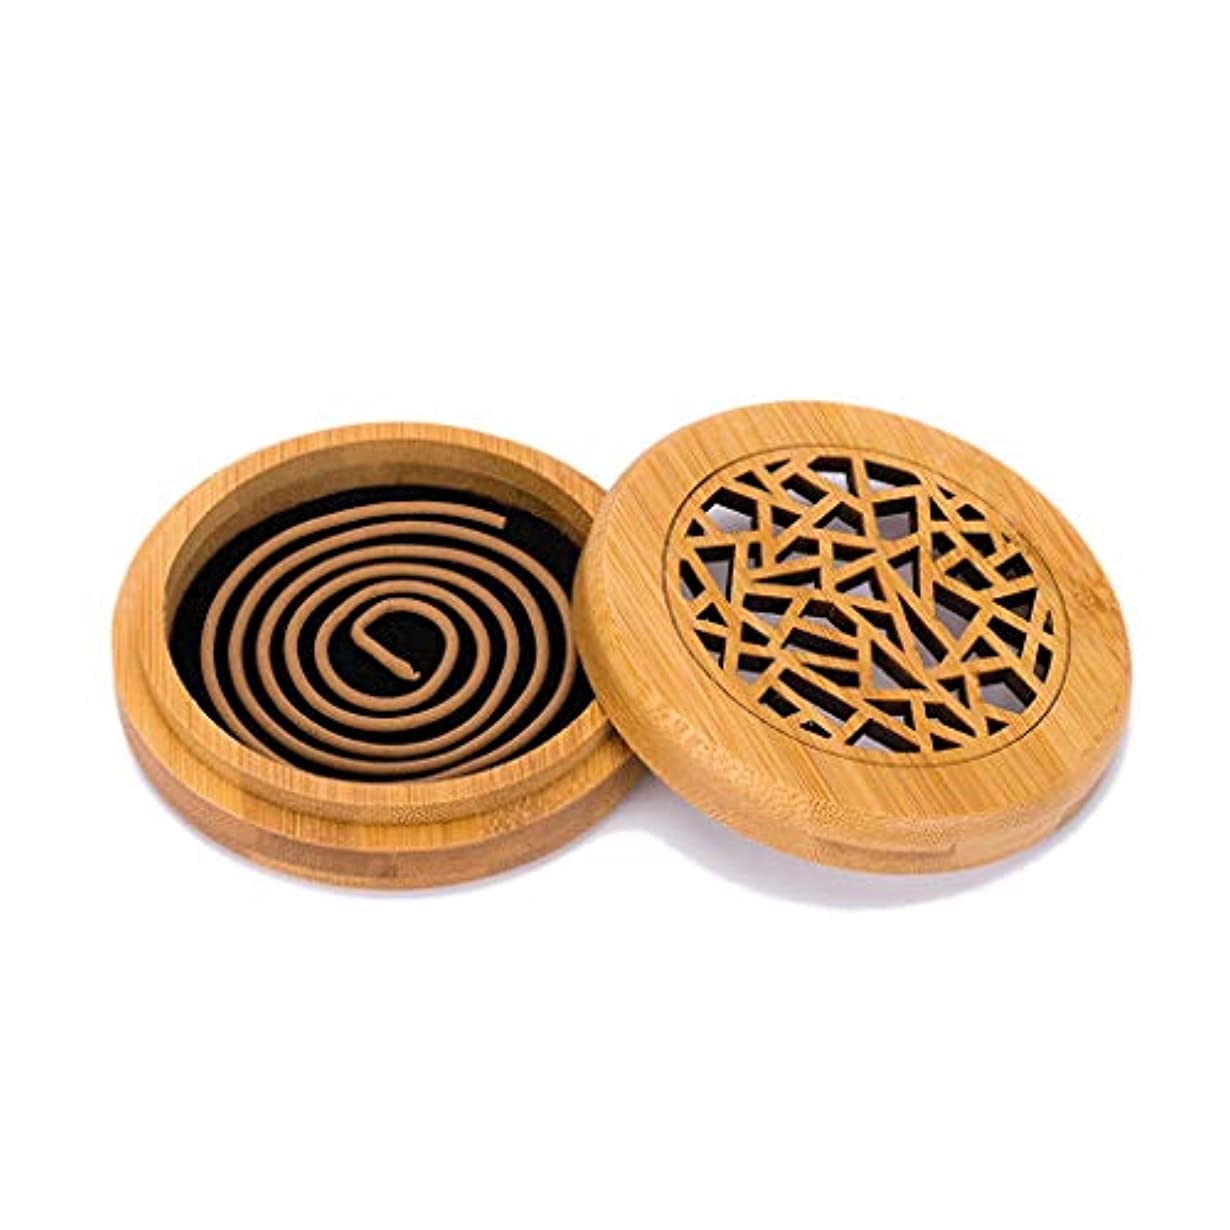 対角線寝室団結する木製香炉コイル香スティックコーンバーナーホルダー部屋の装飾瞑想竹アッシュキャッチャー香ホルダー (Color : Wood, サイズ : Round)